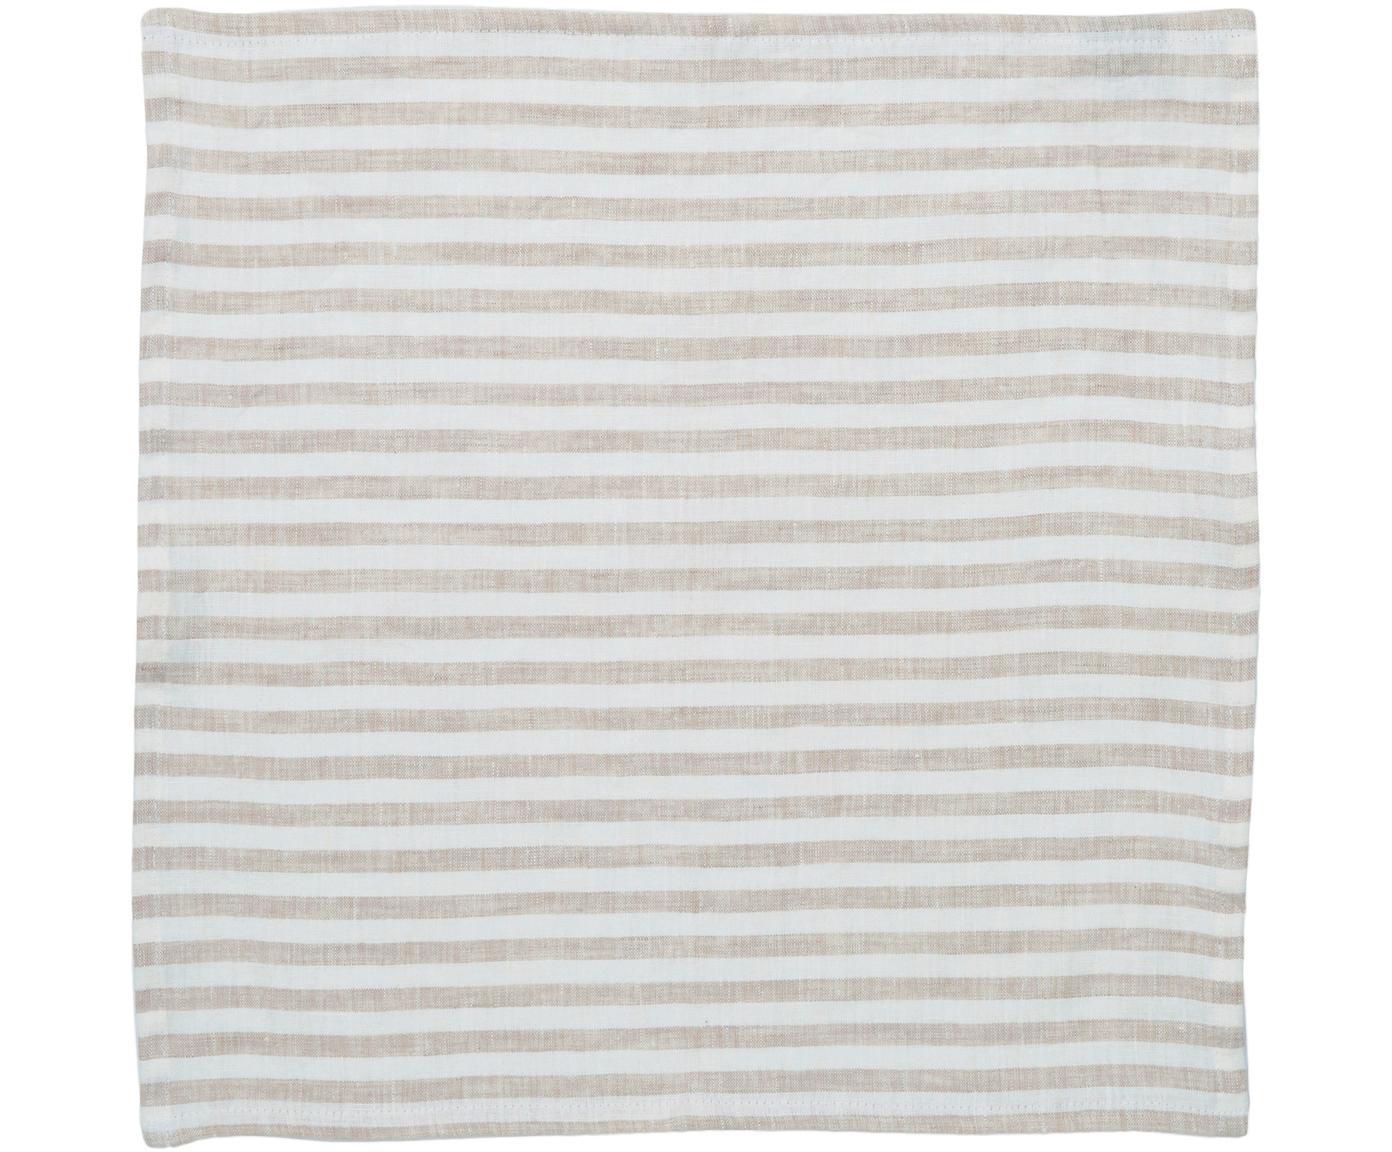 Leinen-Servietten Solami, 6 Stück, Leinen, Beige, Weiß, 46 x 46 cm